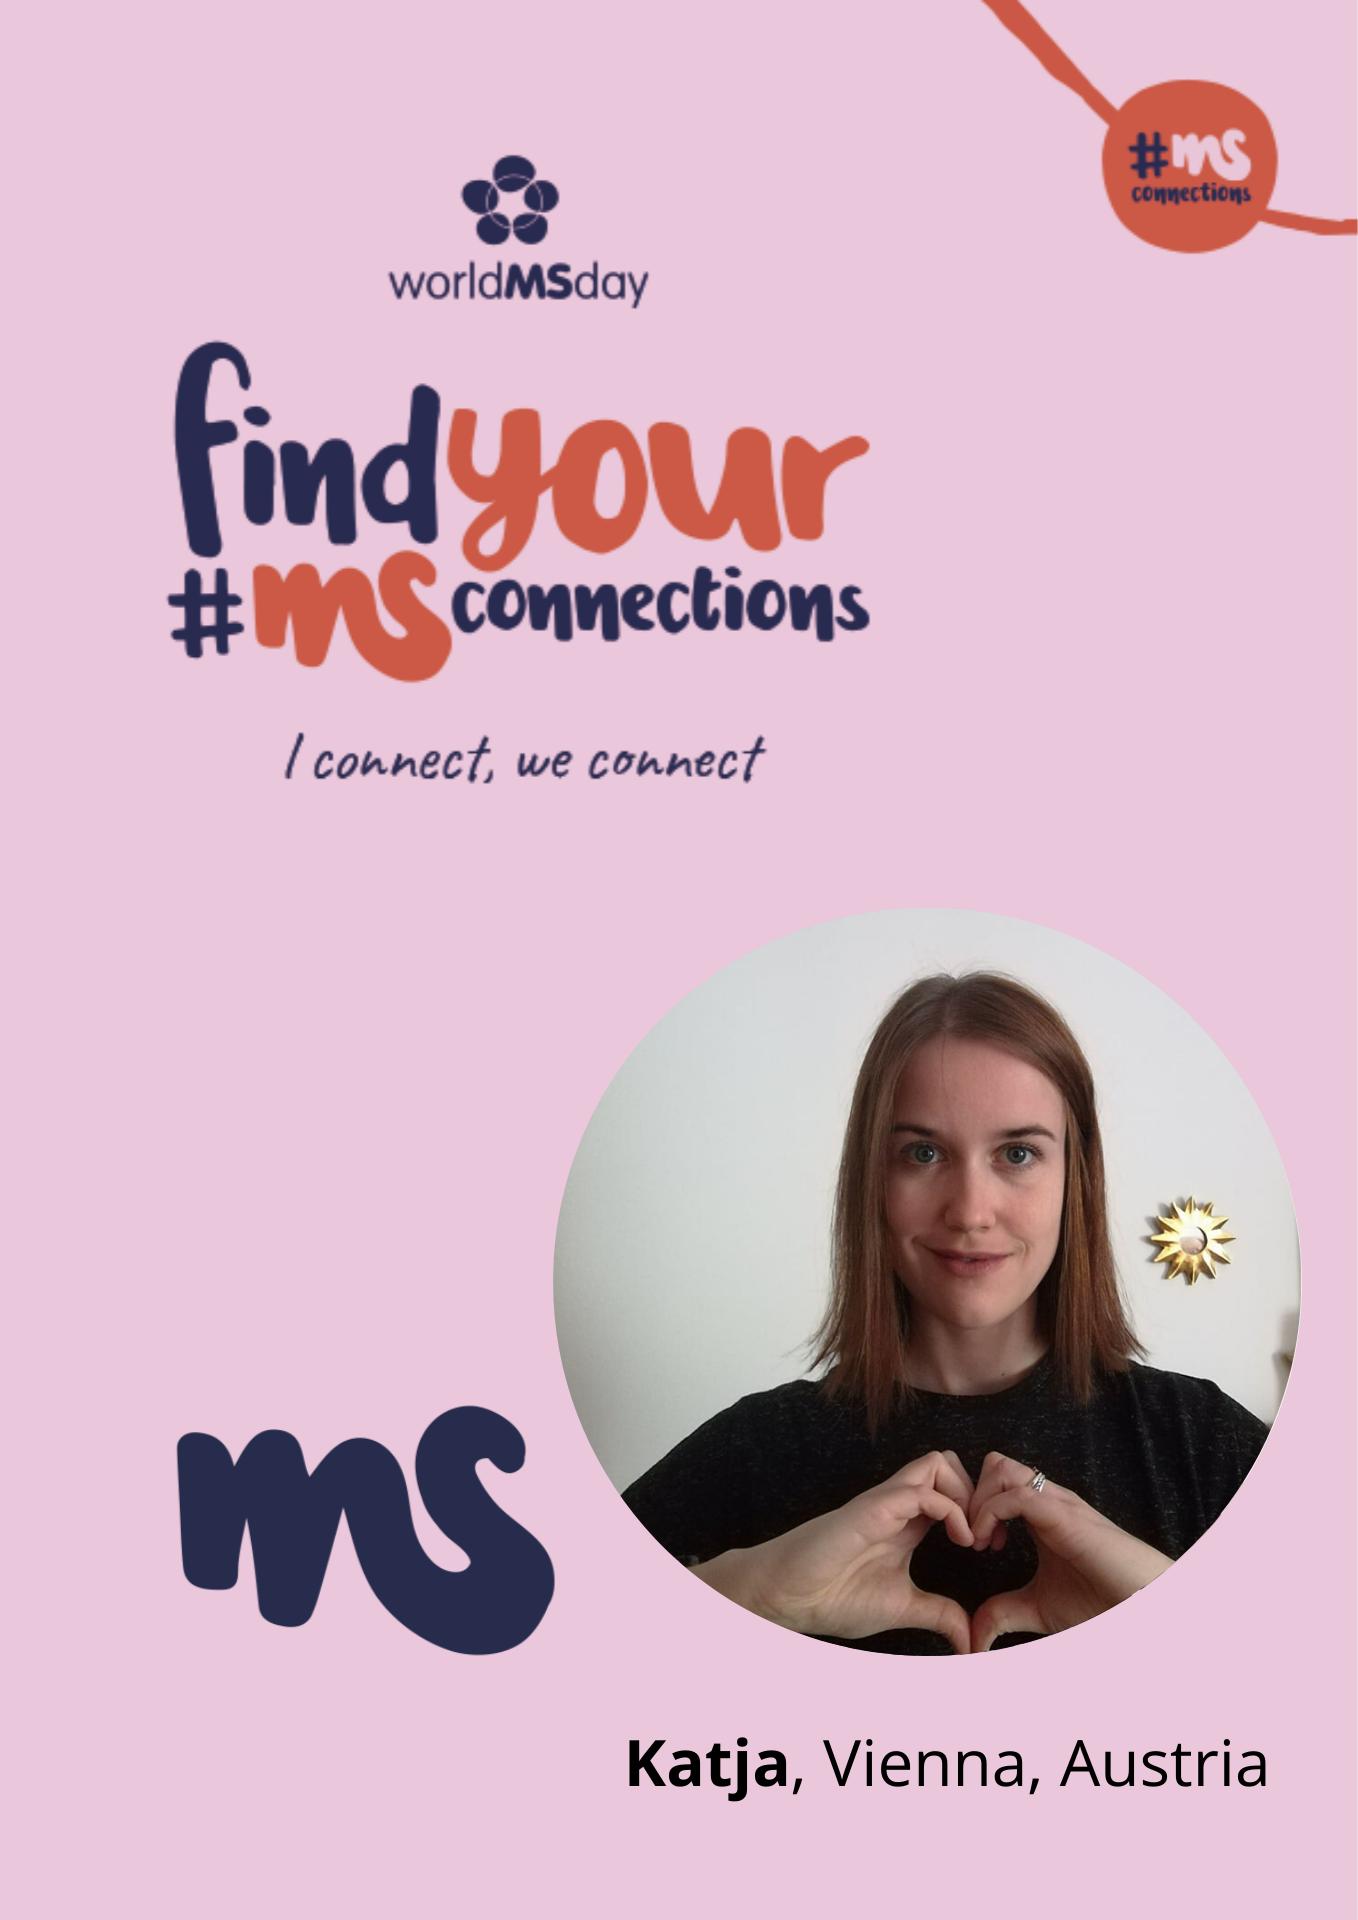 Rechteck mit Bild von Katja, Vienna, Austria, Text: find your #MSConnections